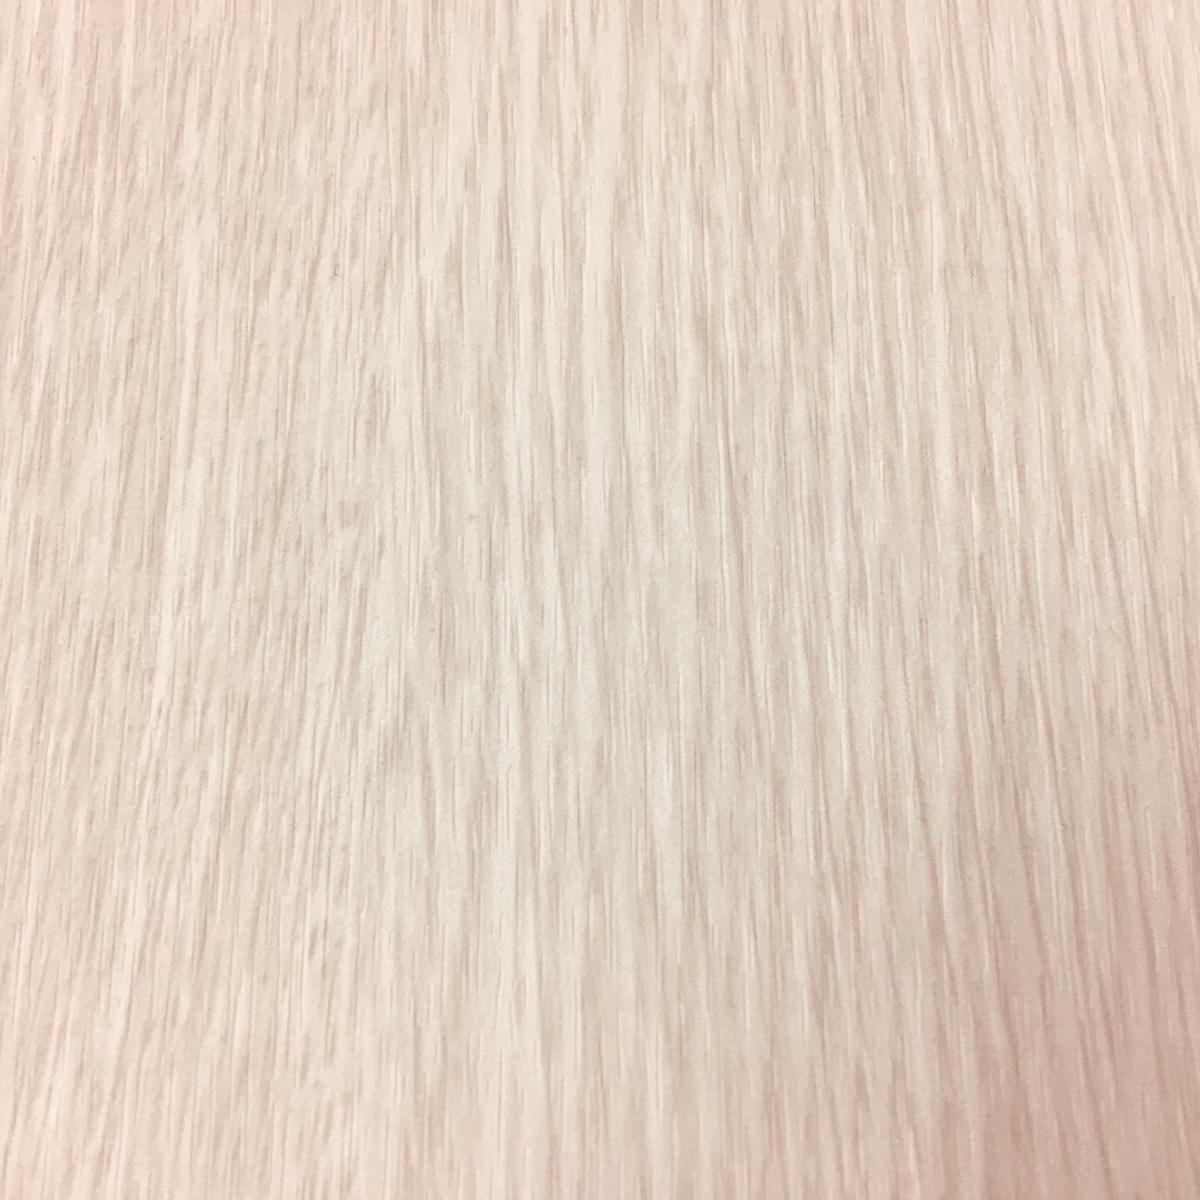 【サンゲツアウトレット木目クロス】壁紙ビニールクロスHF1065処分品 オーク 柾目【50m】【不燃】【表面強化】【防カビ】【リノベション】_画像2